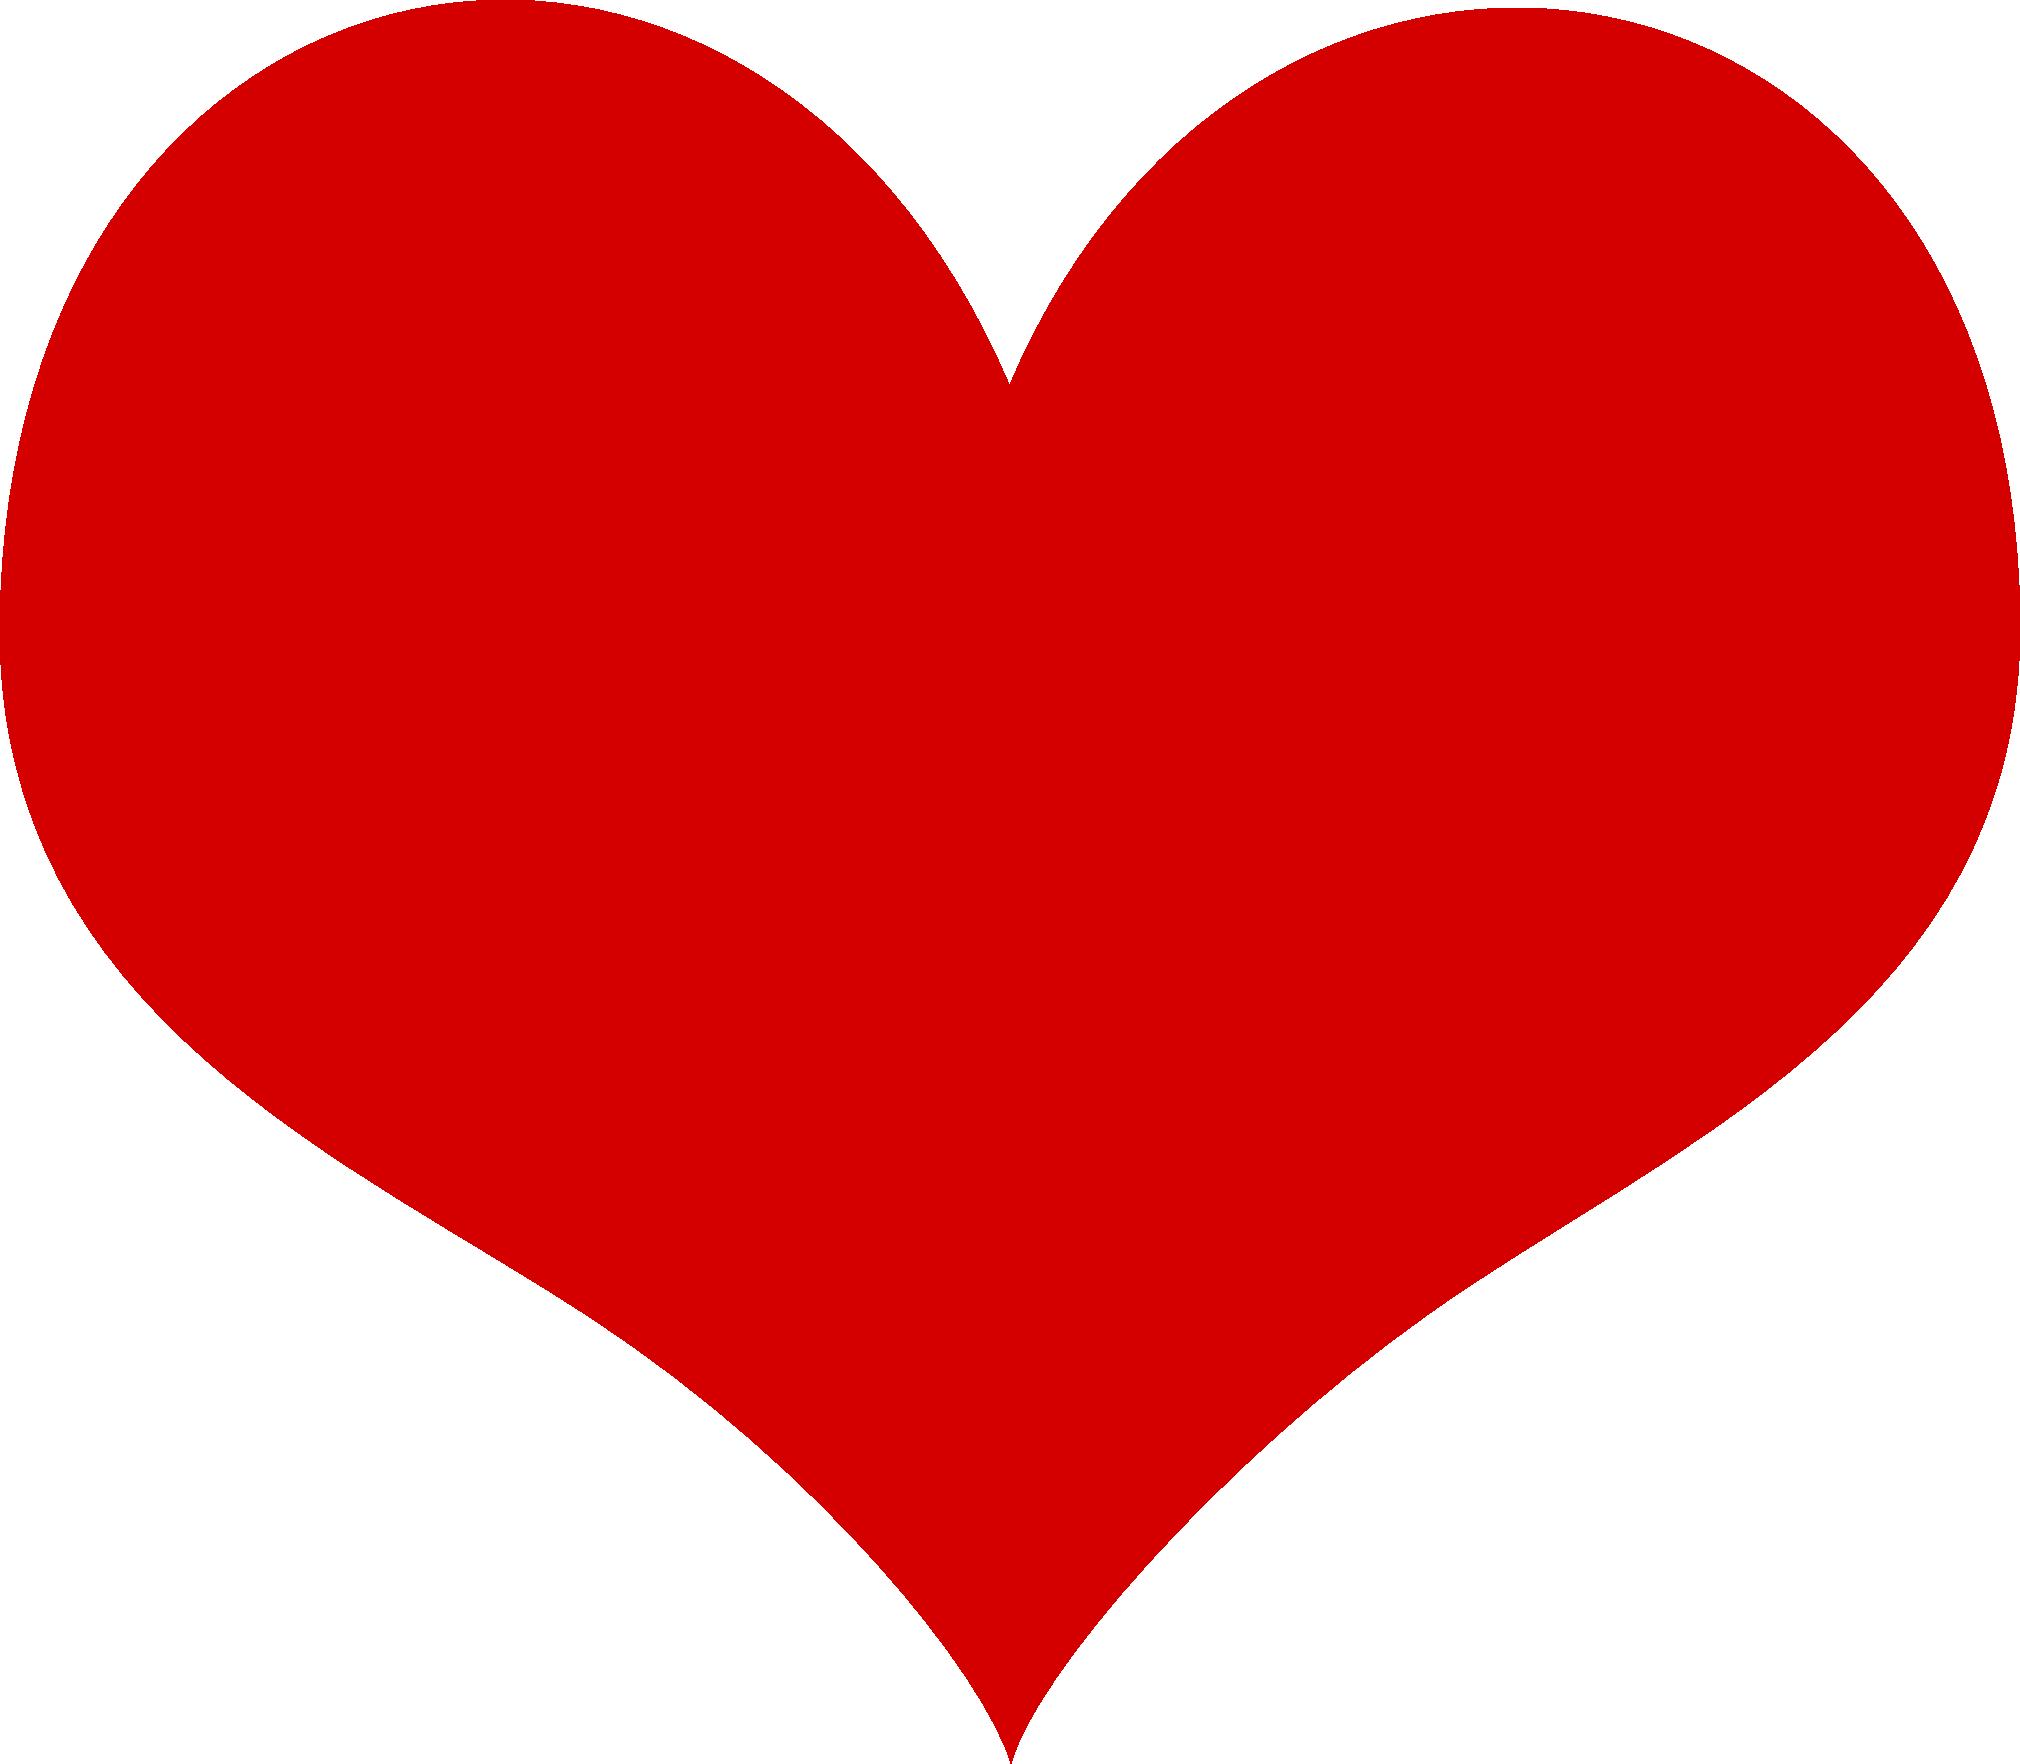 Heart Clipart-heart clipart-4